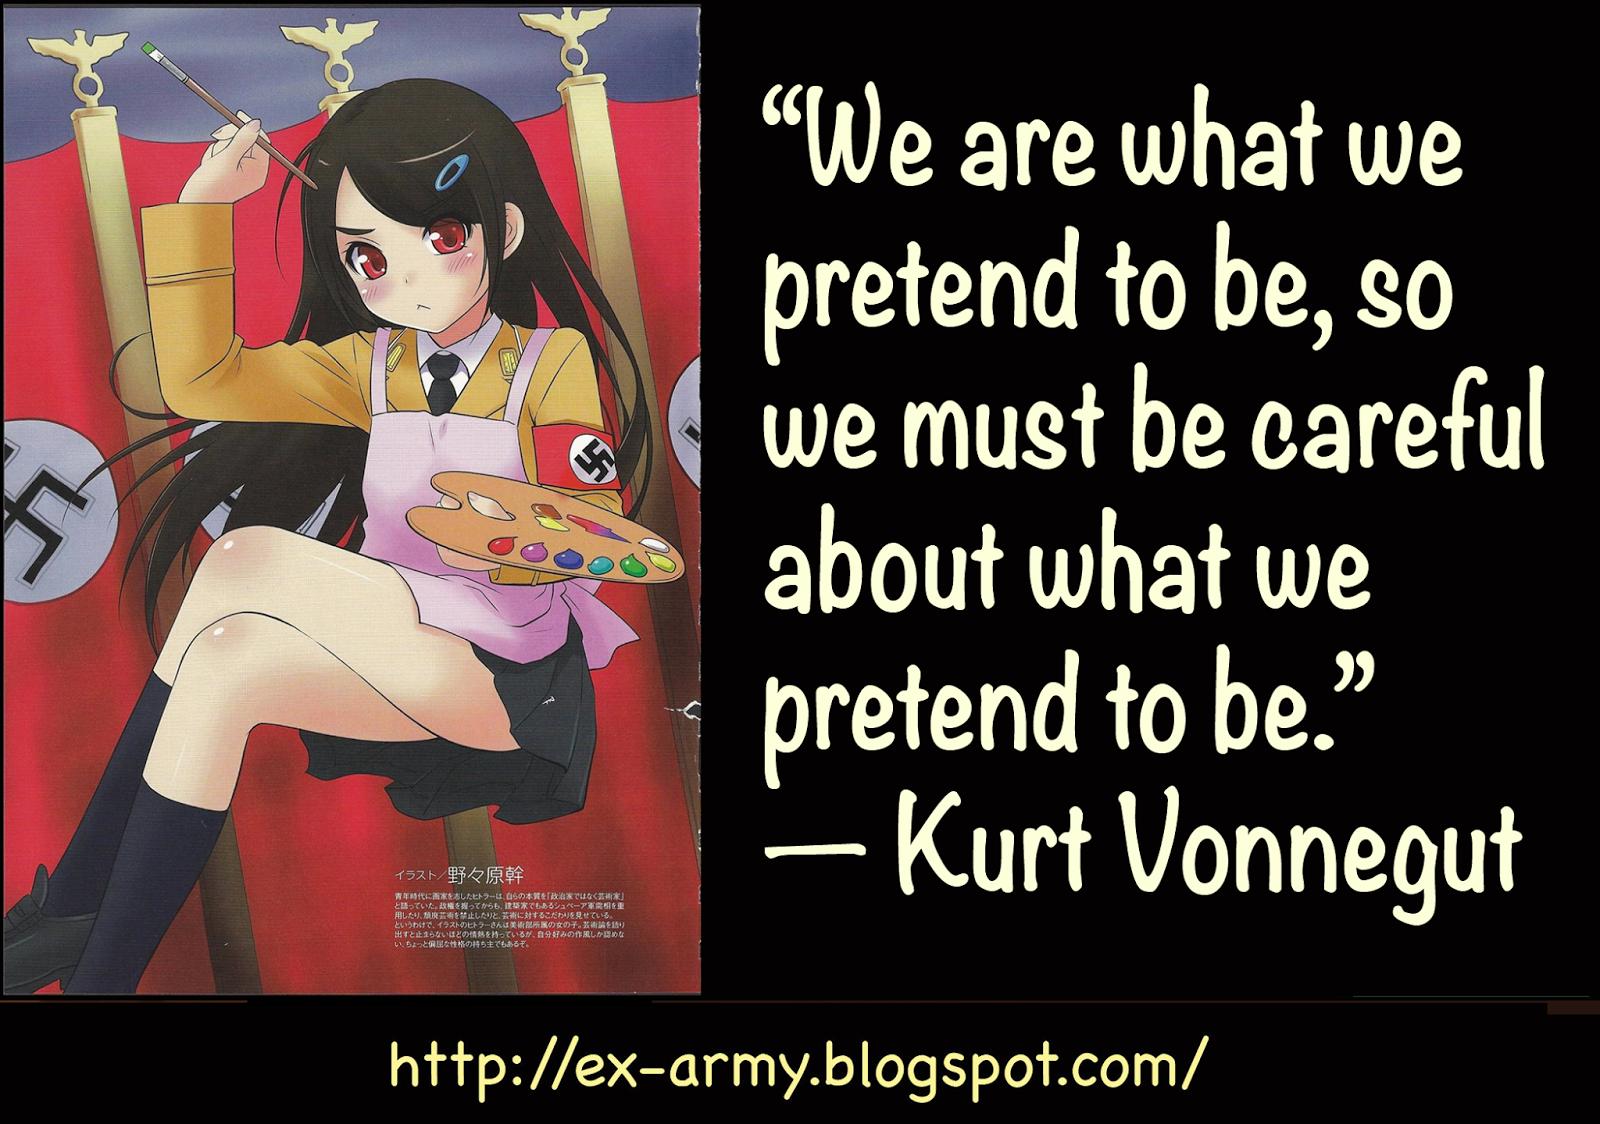 Ex-Army - Libertarian Nationalist: Kurt Vonnegut's Harrison Bergeron